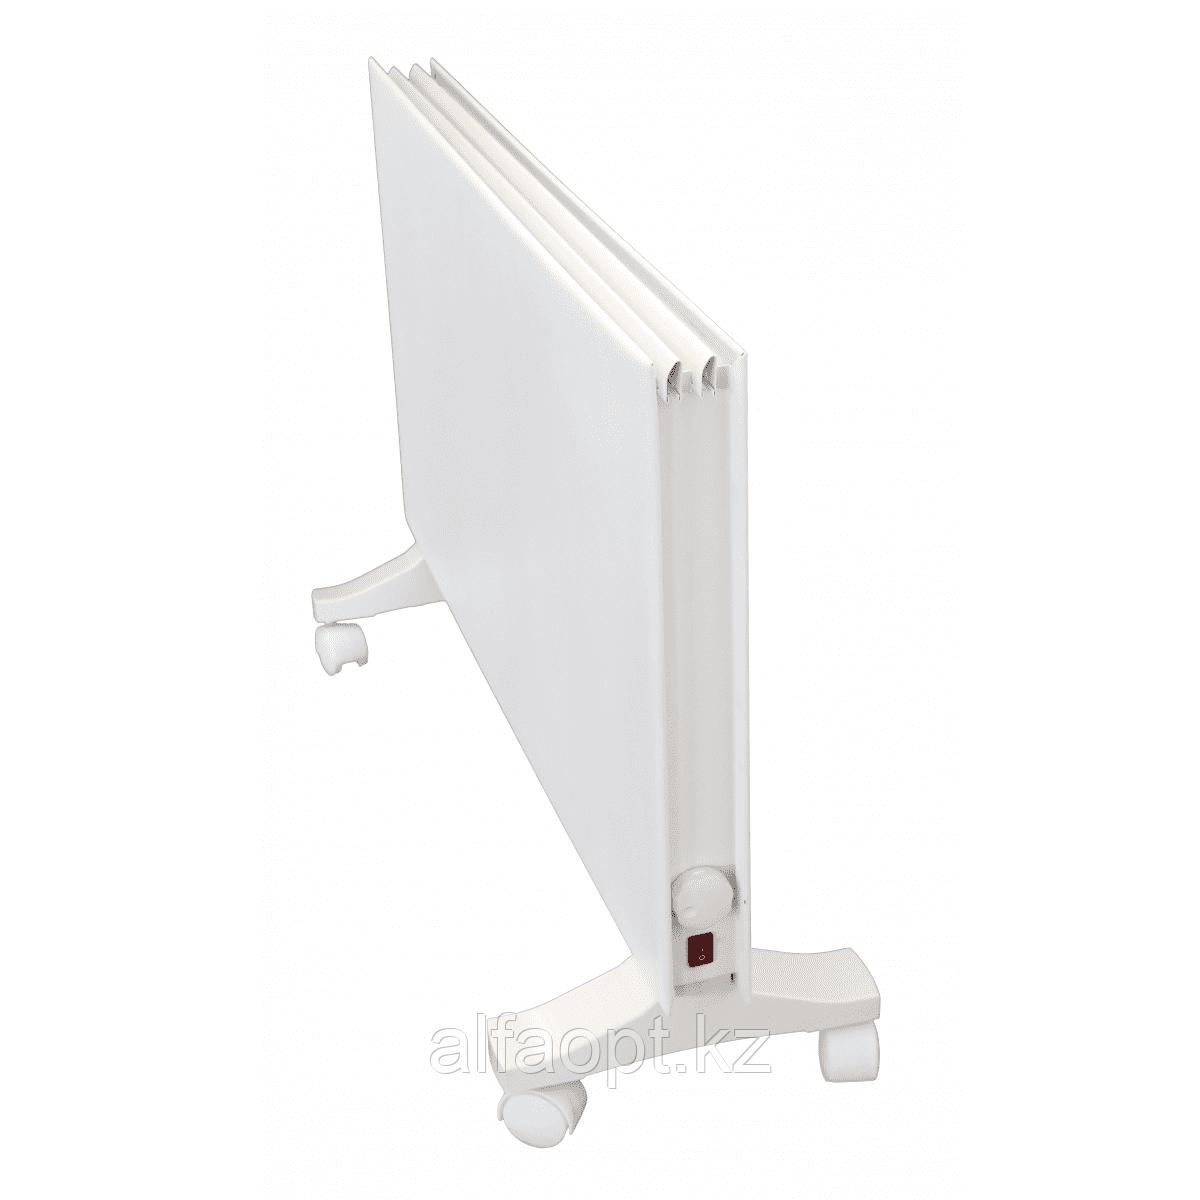 Напольный ИК-обогреватель Теплофон 700 (ЭРГПА- 0,7кВт) с терморегулятором